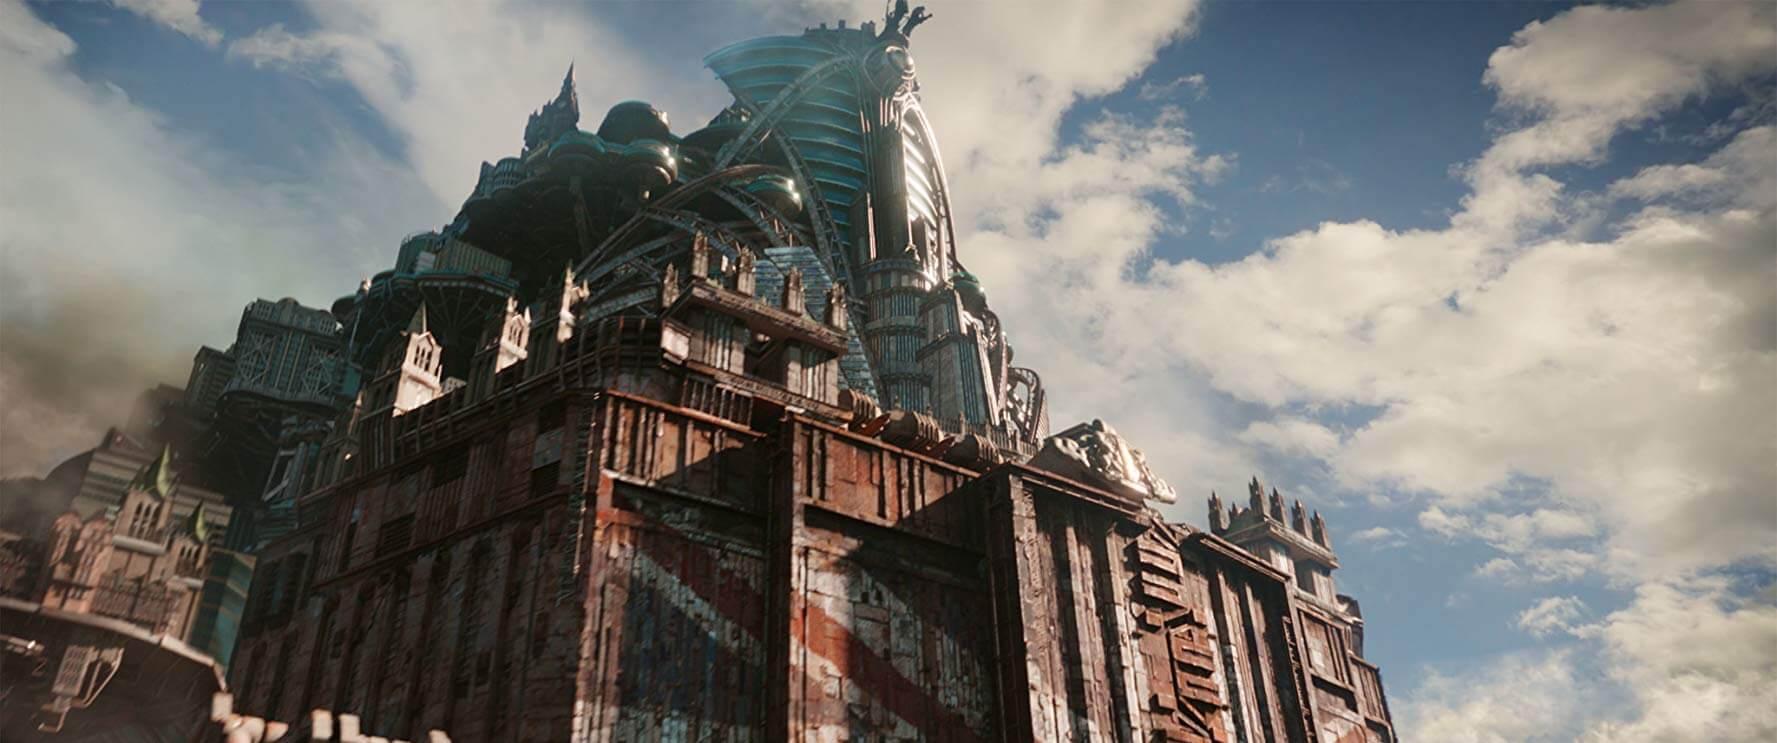 《移動城市:致命引擎》中宛如變形金剛般的移動城市「倫敦城」,令人不禁聯想《霍爾的移動城堡》。